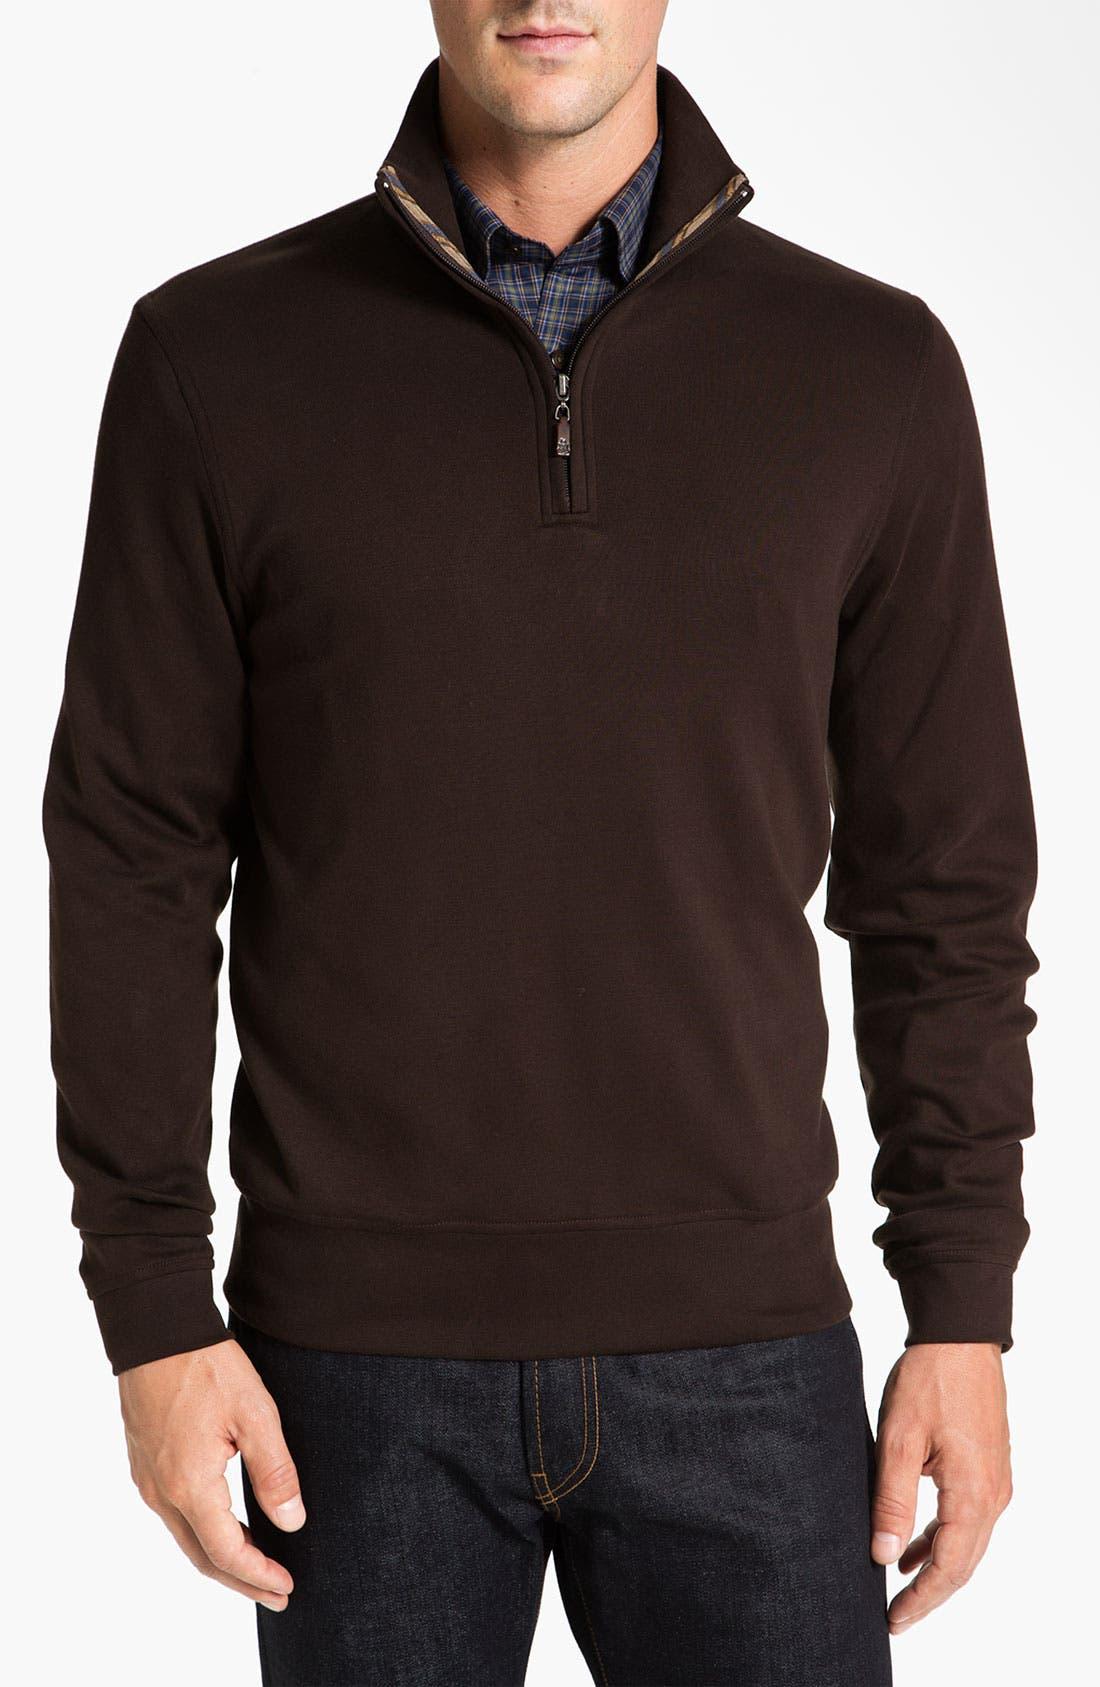 Main Image - Robert Talbott Quarter Zip Sweatshirt